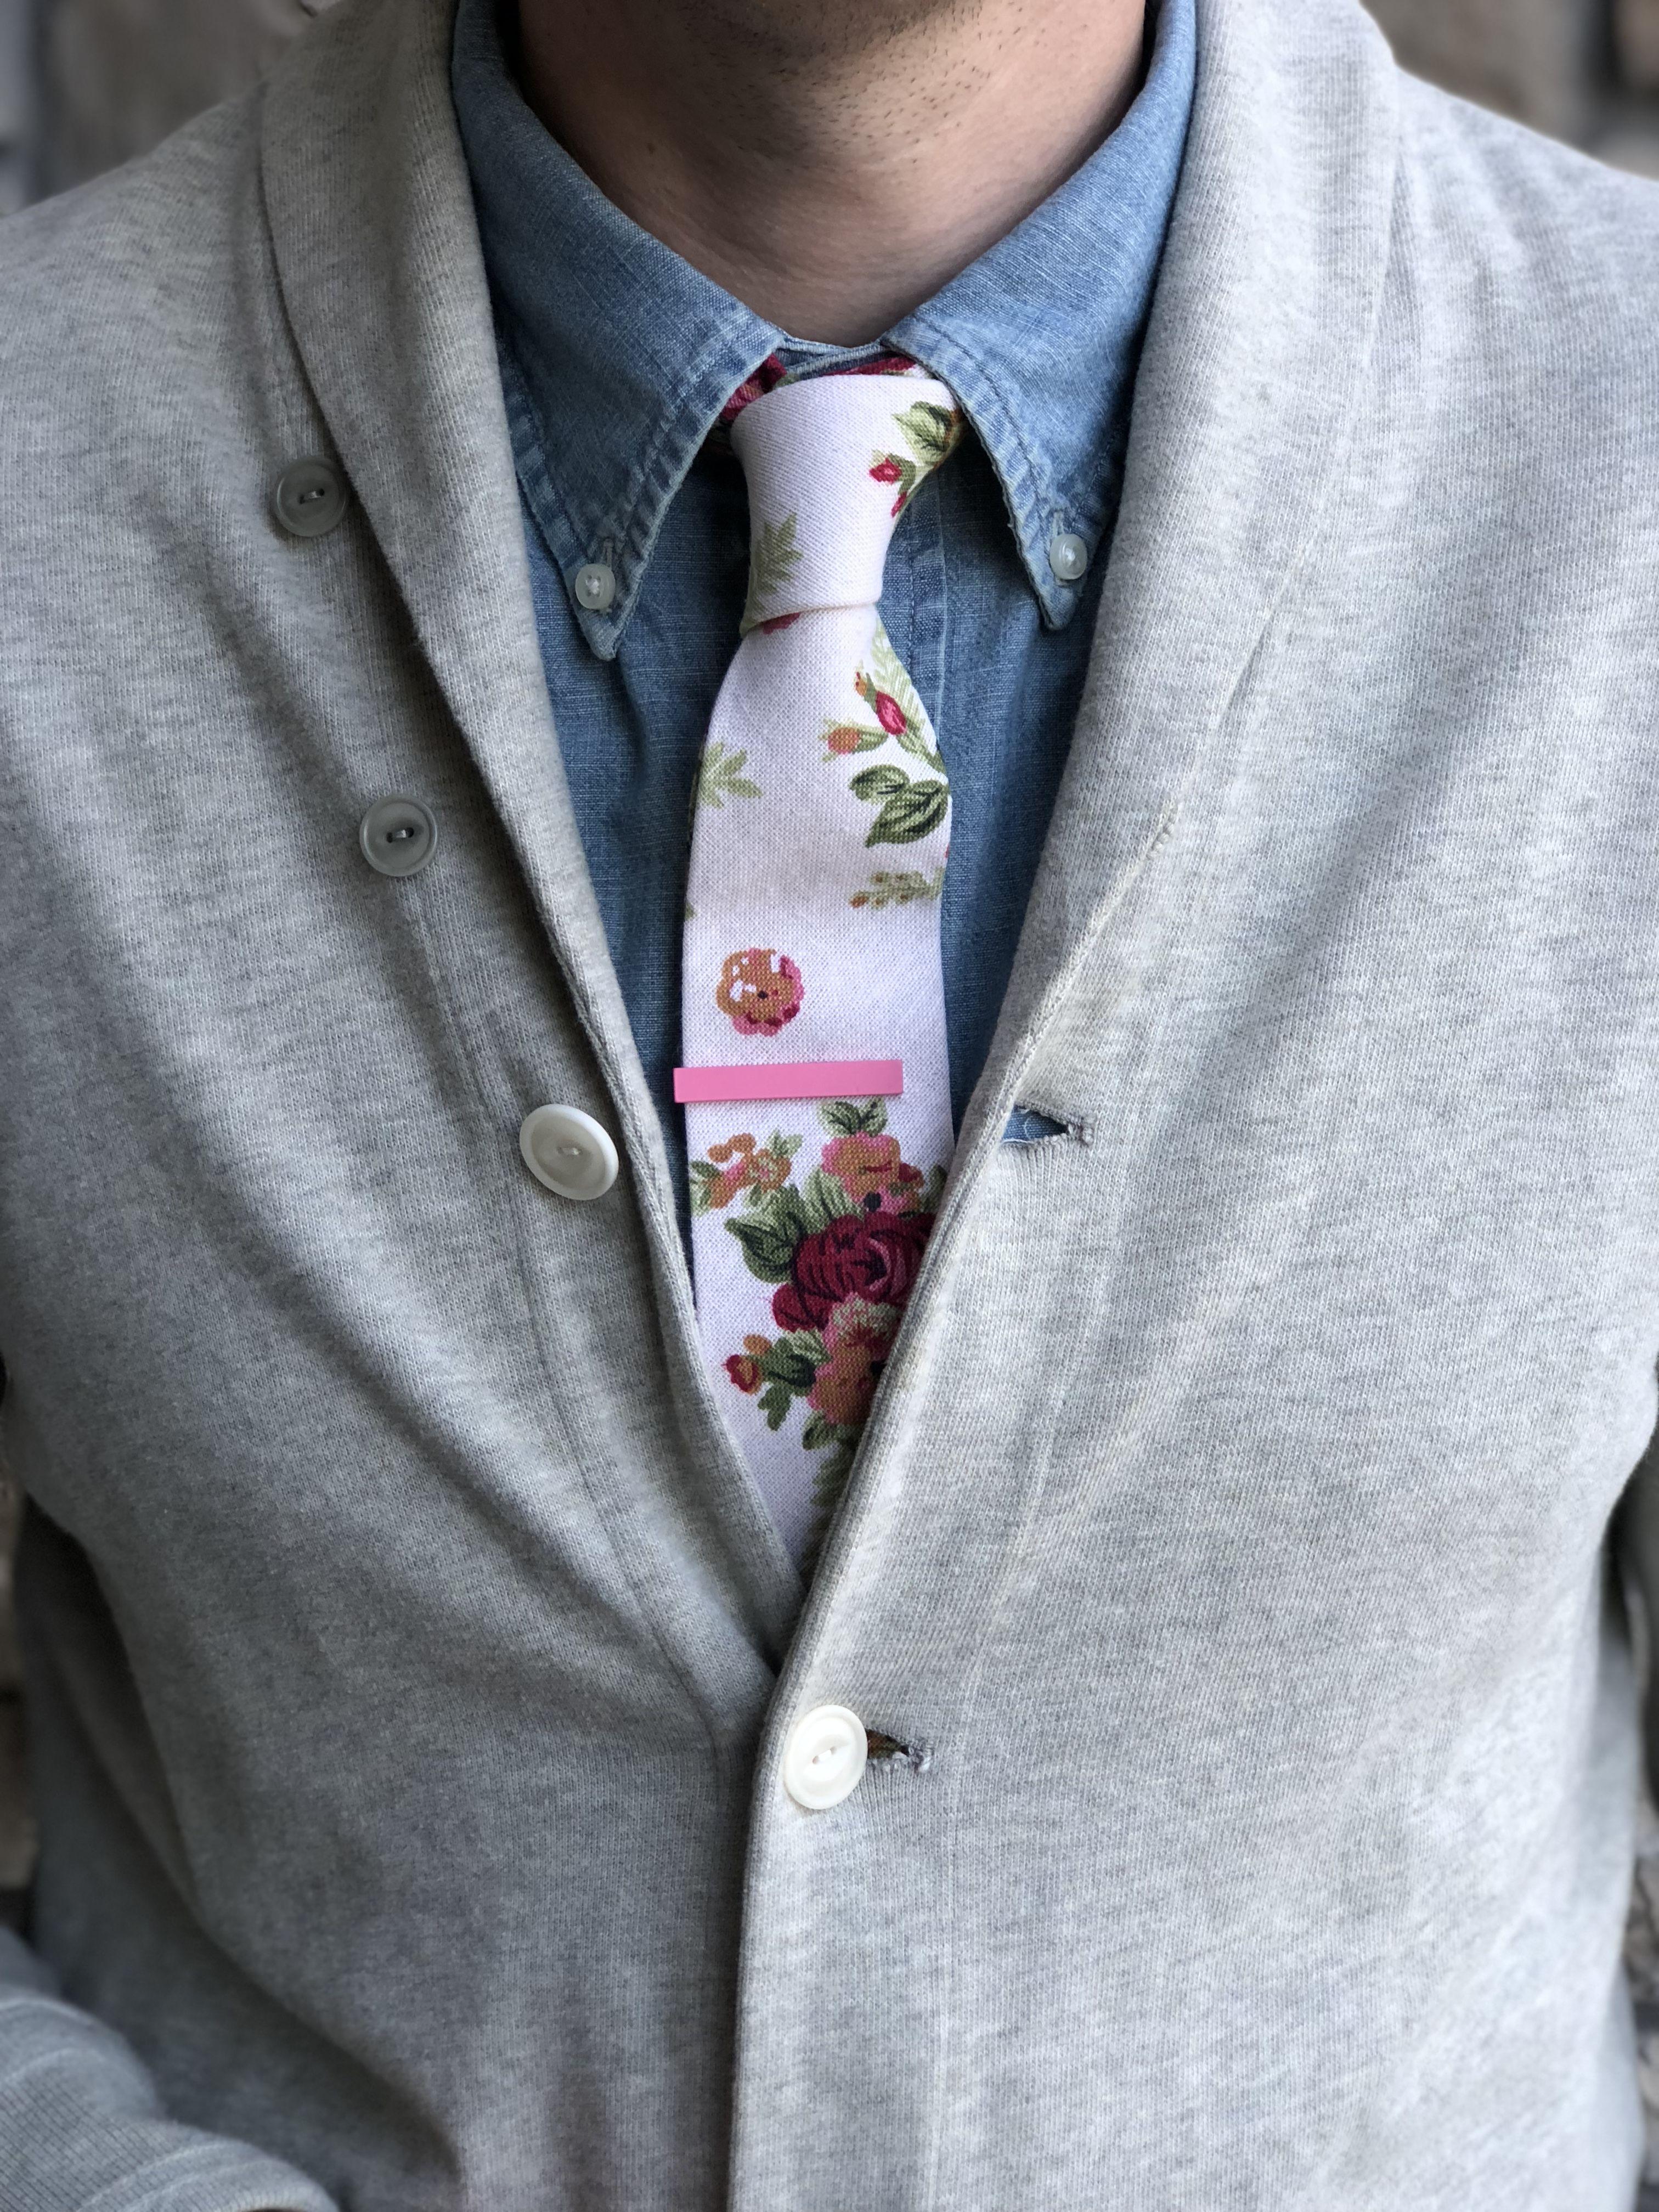 9e684fc5a2c0 Floral Tie, Skinny Tie, White Floral Tie, Pink Floral Tie, Tie Bar, Pink Tie  Bar, Men's Fashion, Menswear, Men's Fashion Accessories